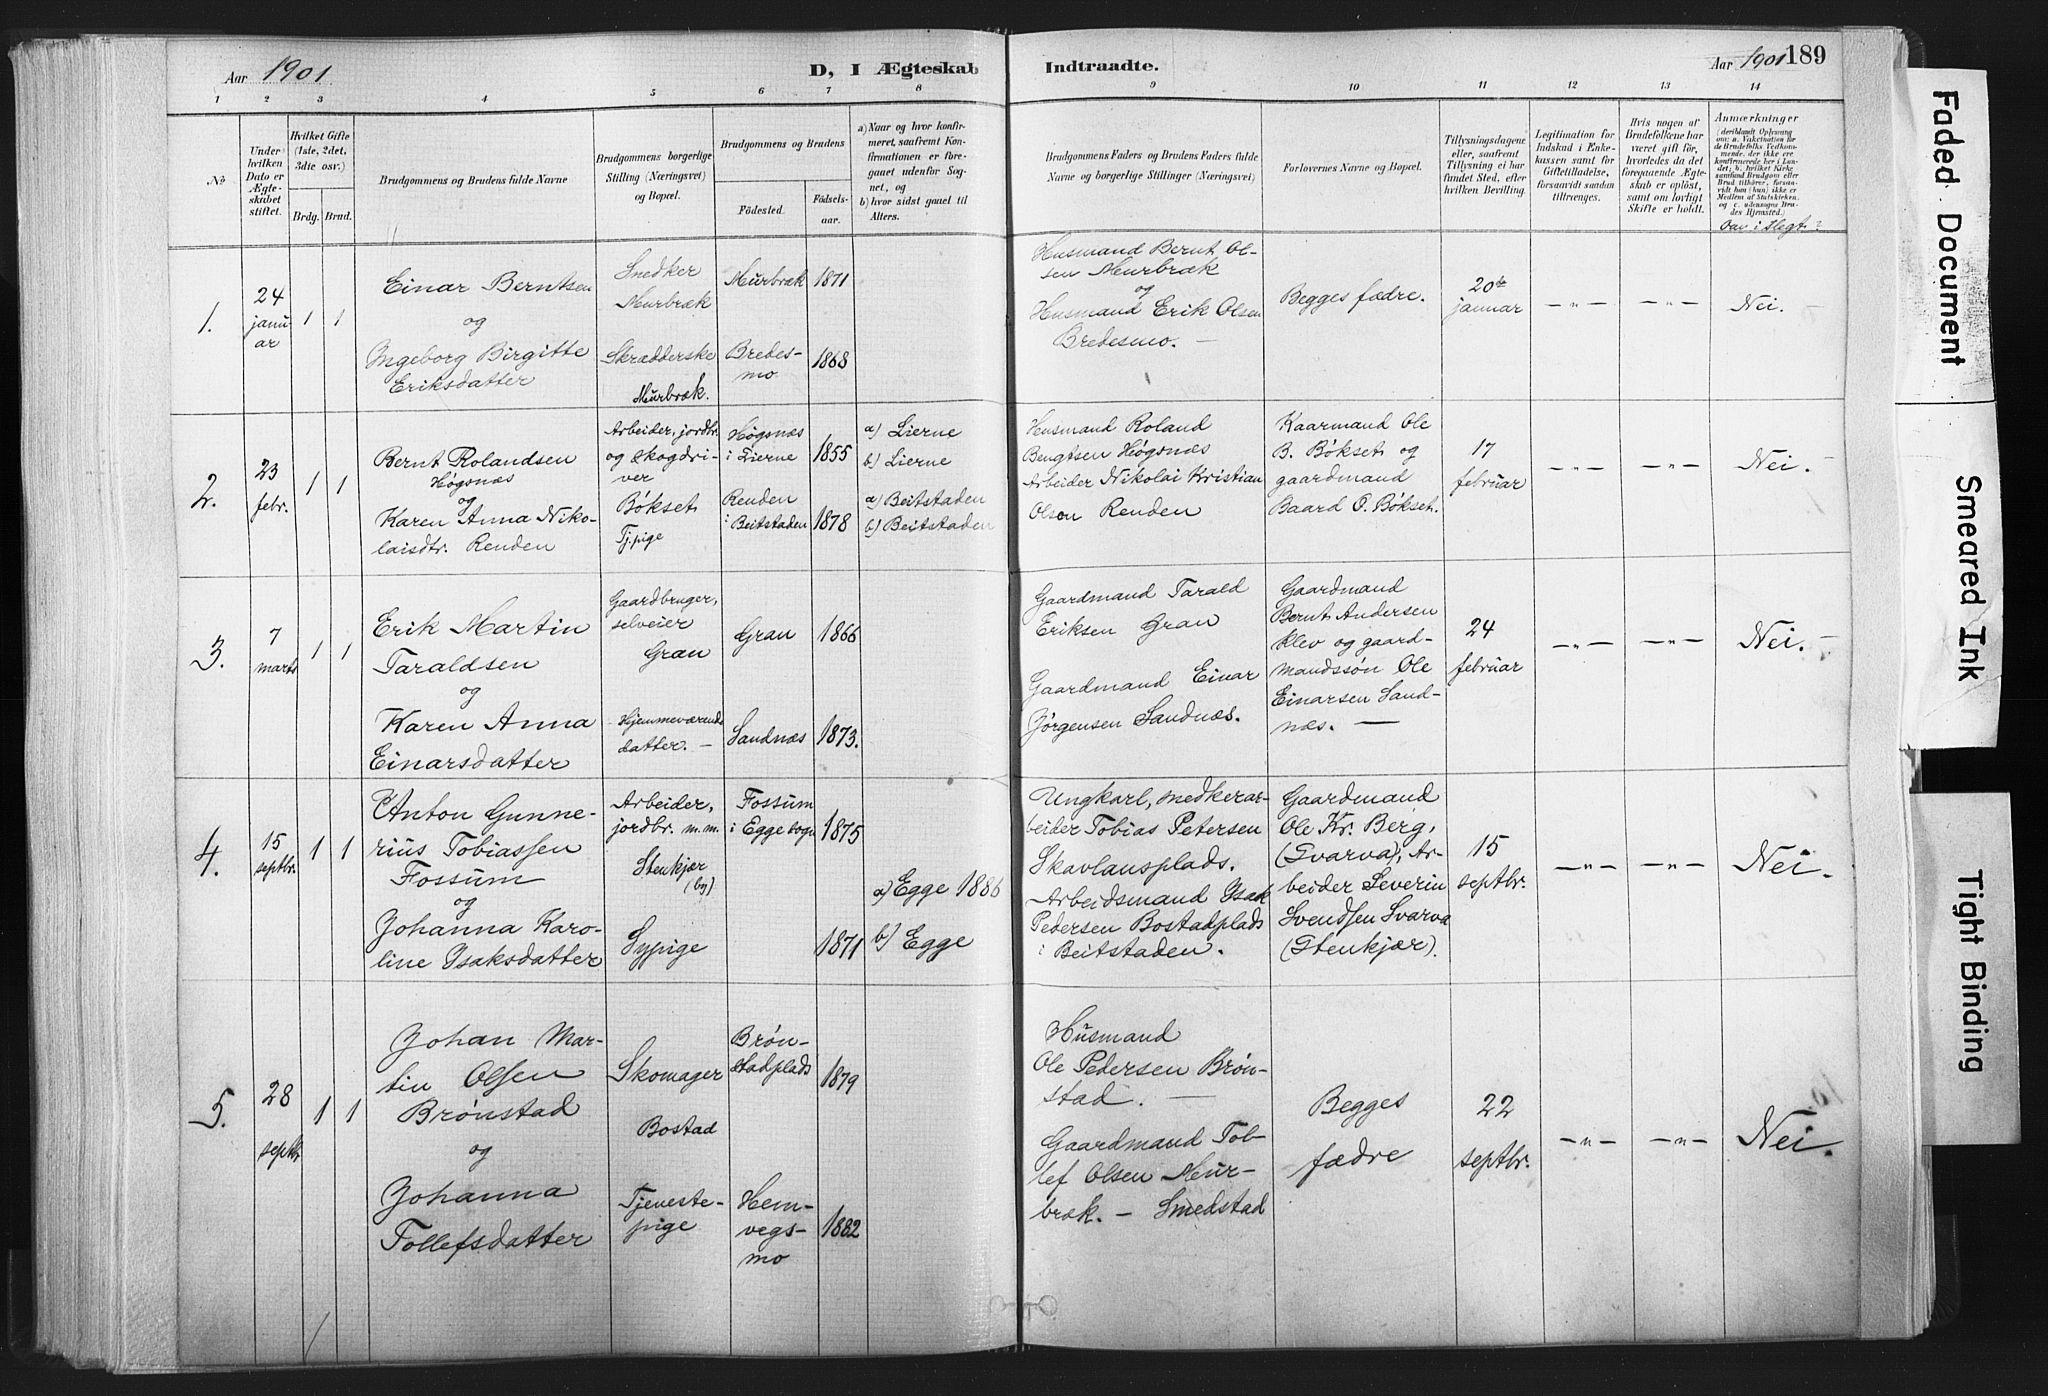 SAT, Ministerialprotokoller, klokkerbøker og fødselsregistre - Nord-Trøndelag, 749/L0474: Ministerialbok nr. 749A08, 1887-1903, s. 189